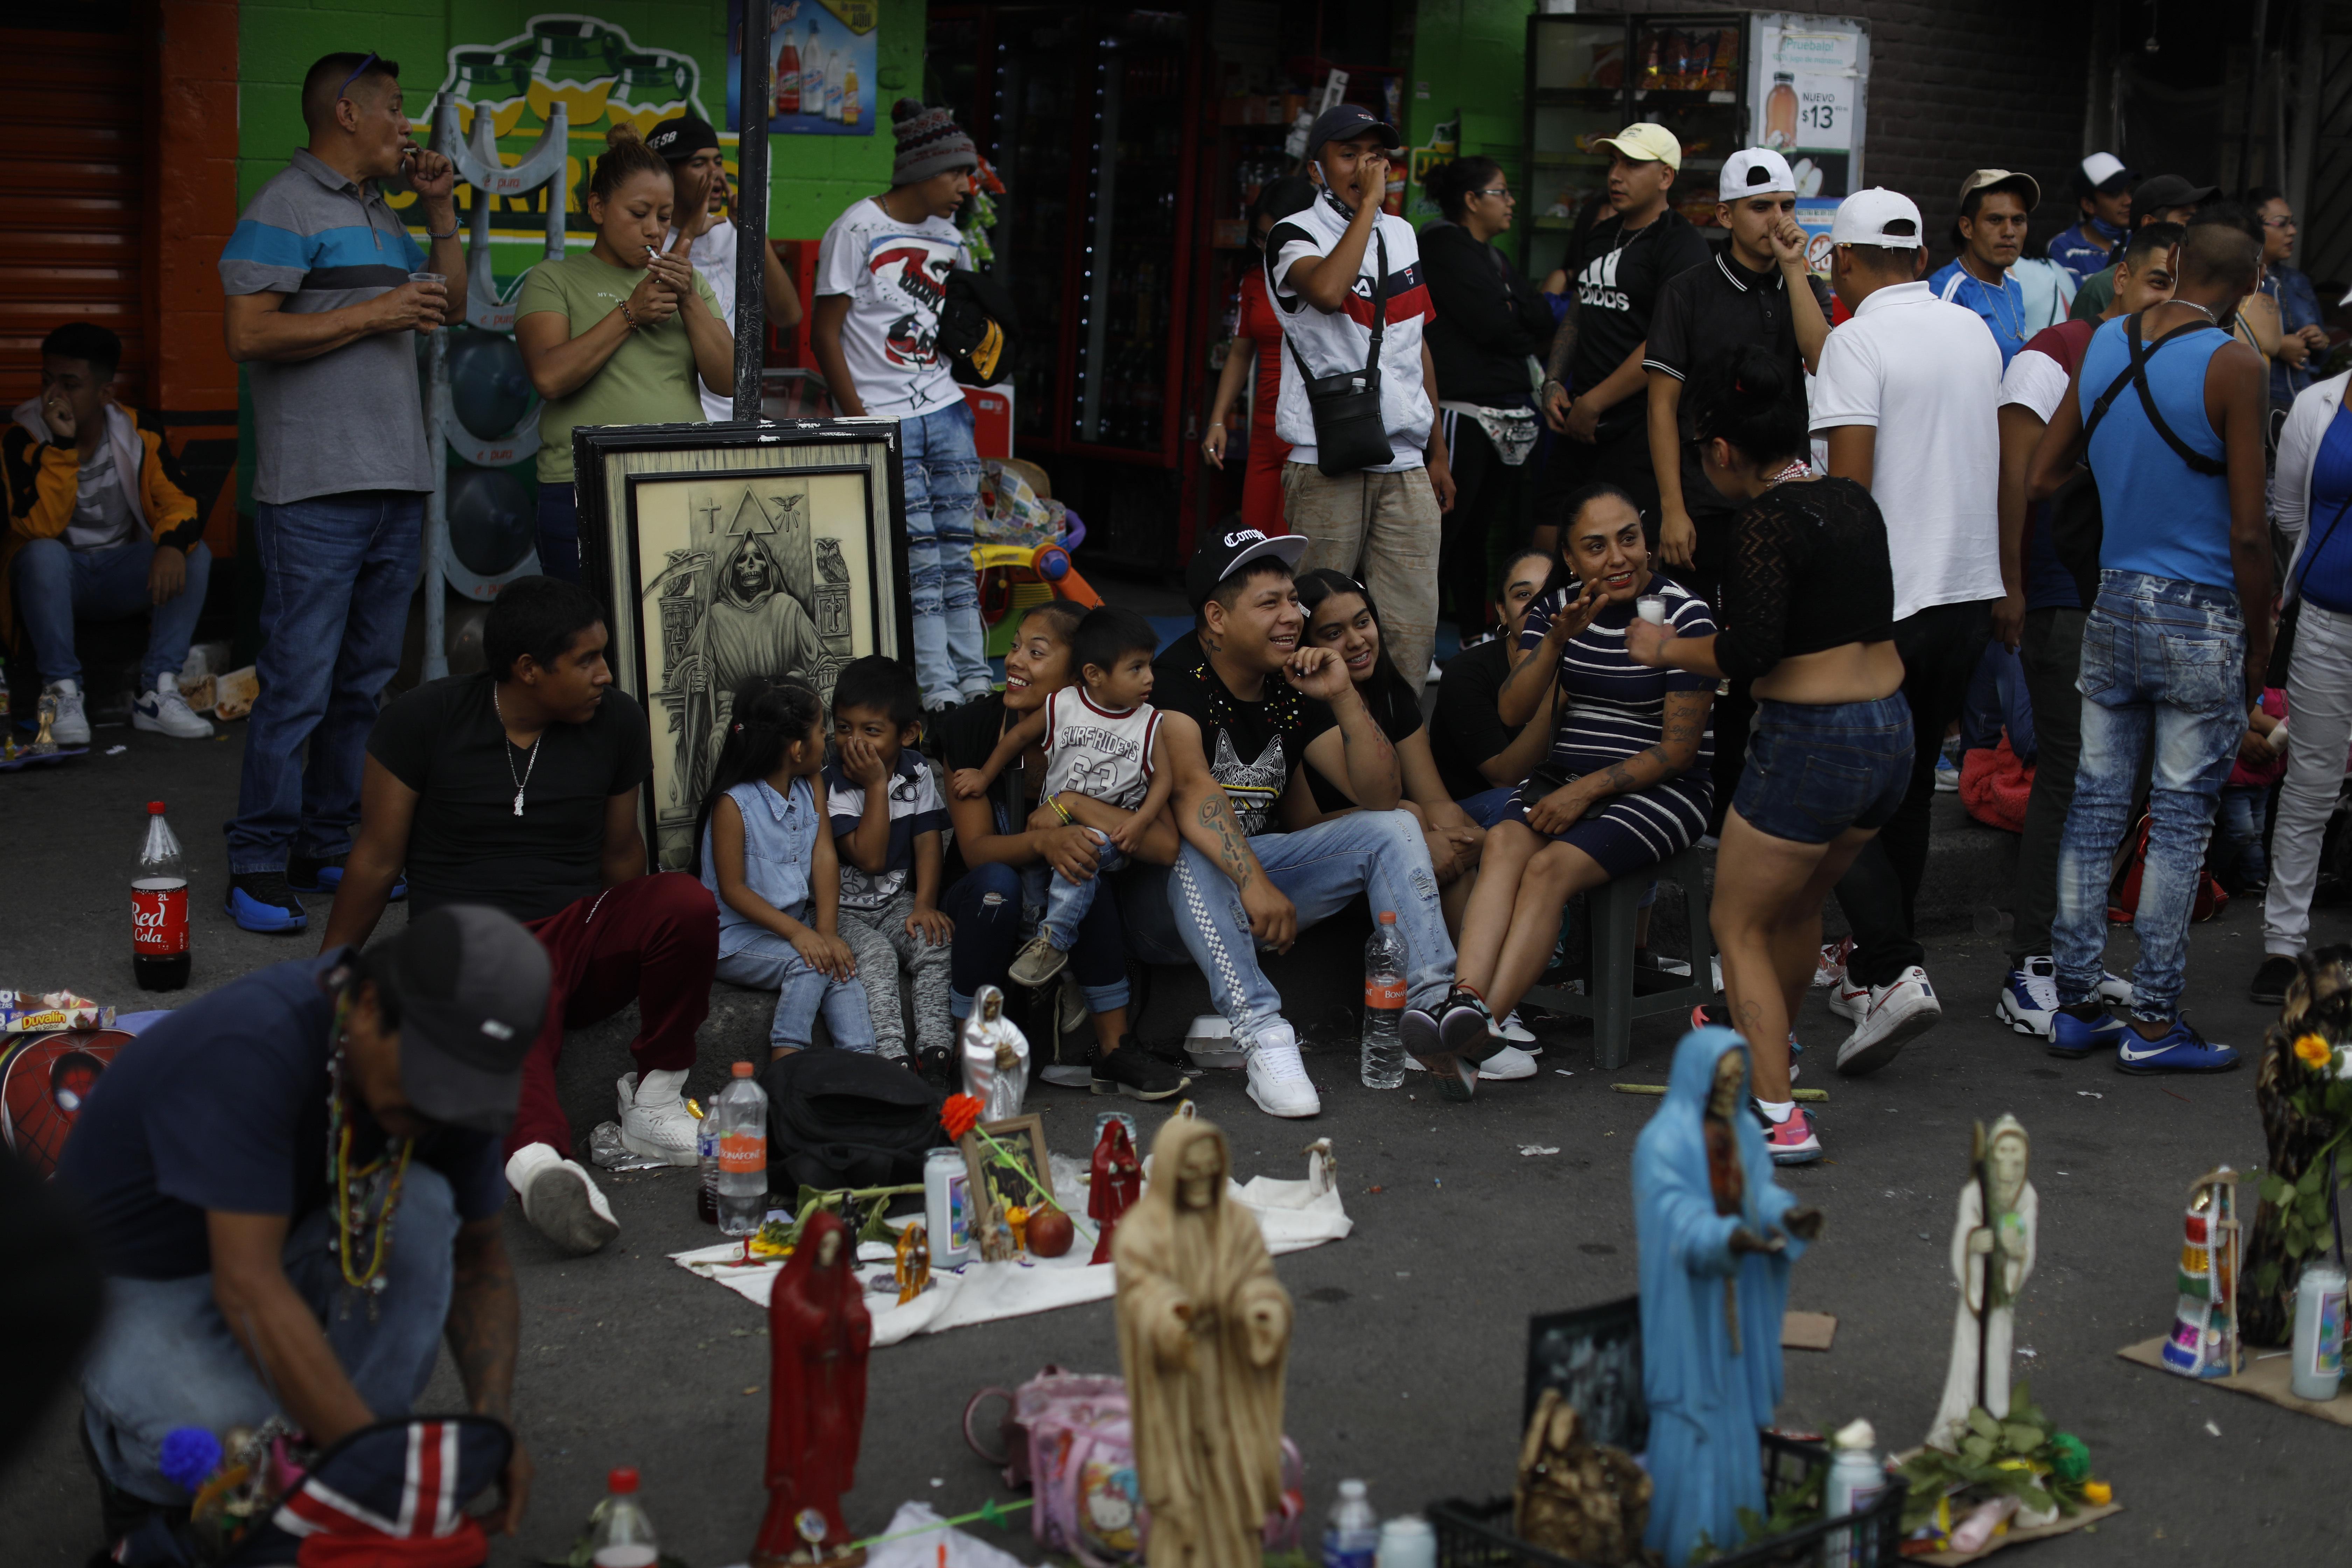 Los devotos de la Santa Muerte se amontonan en la calle mientras celebran su día festivo mensual frente a un altar en el barrio de Tepito, Ciudad de México, el lunes 1 de junio de 2020. (Foto: AP / Rebecca Blackwell)